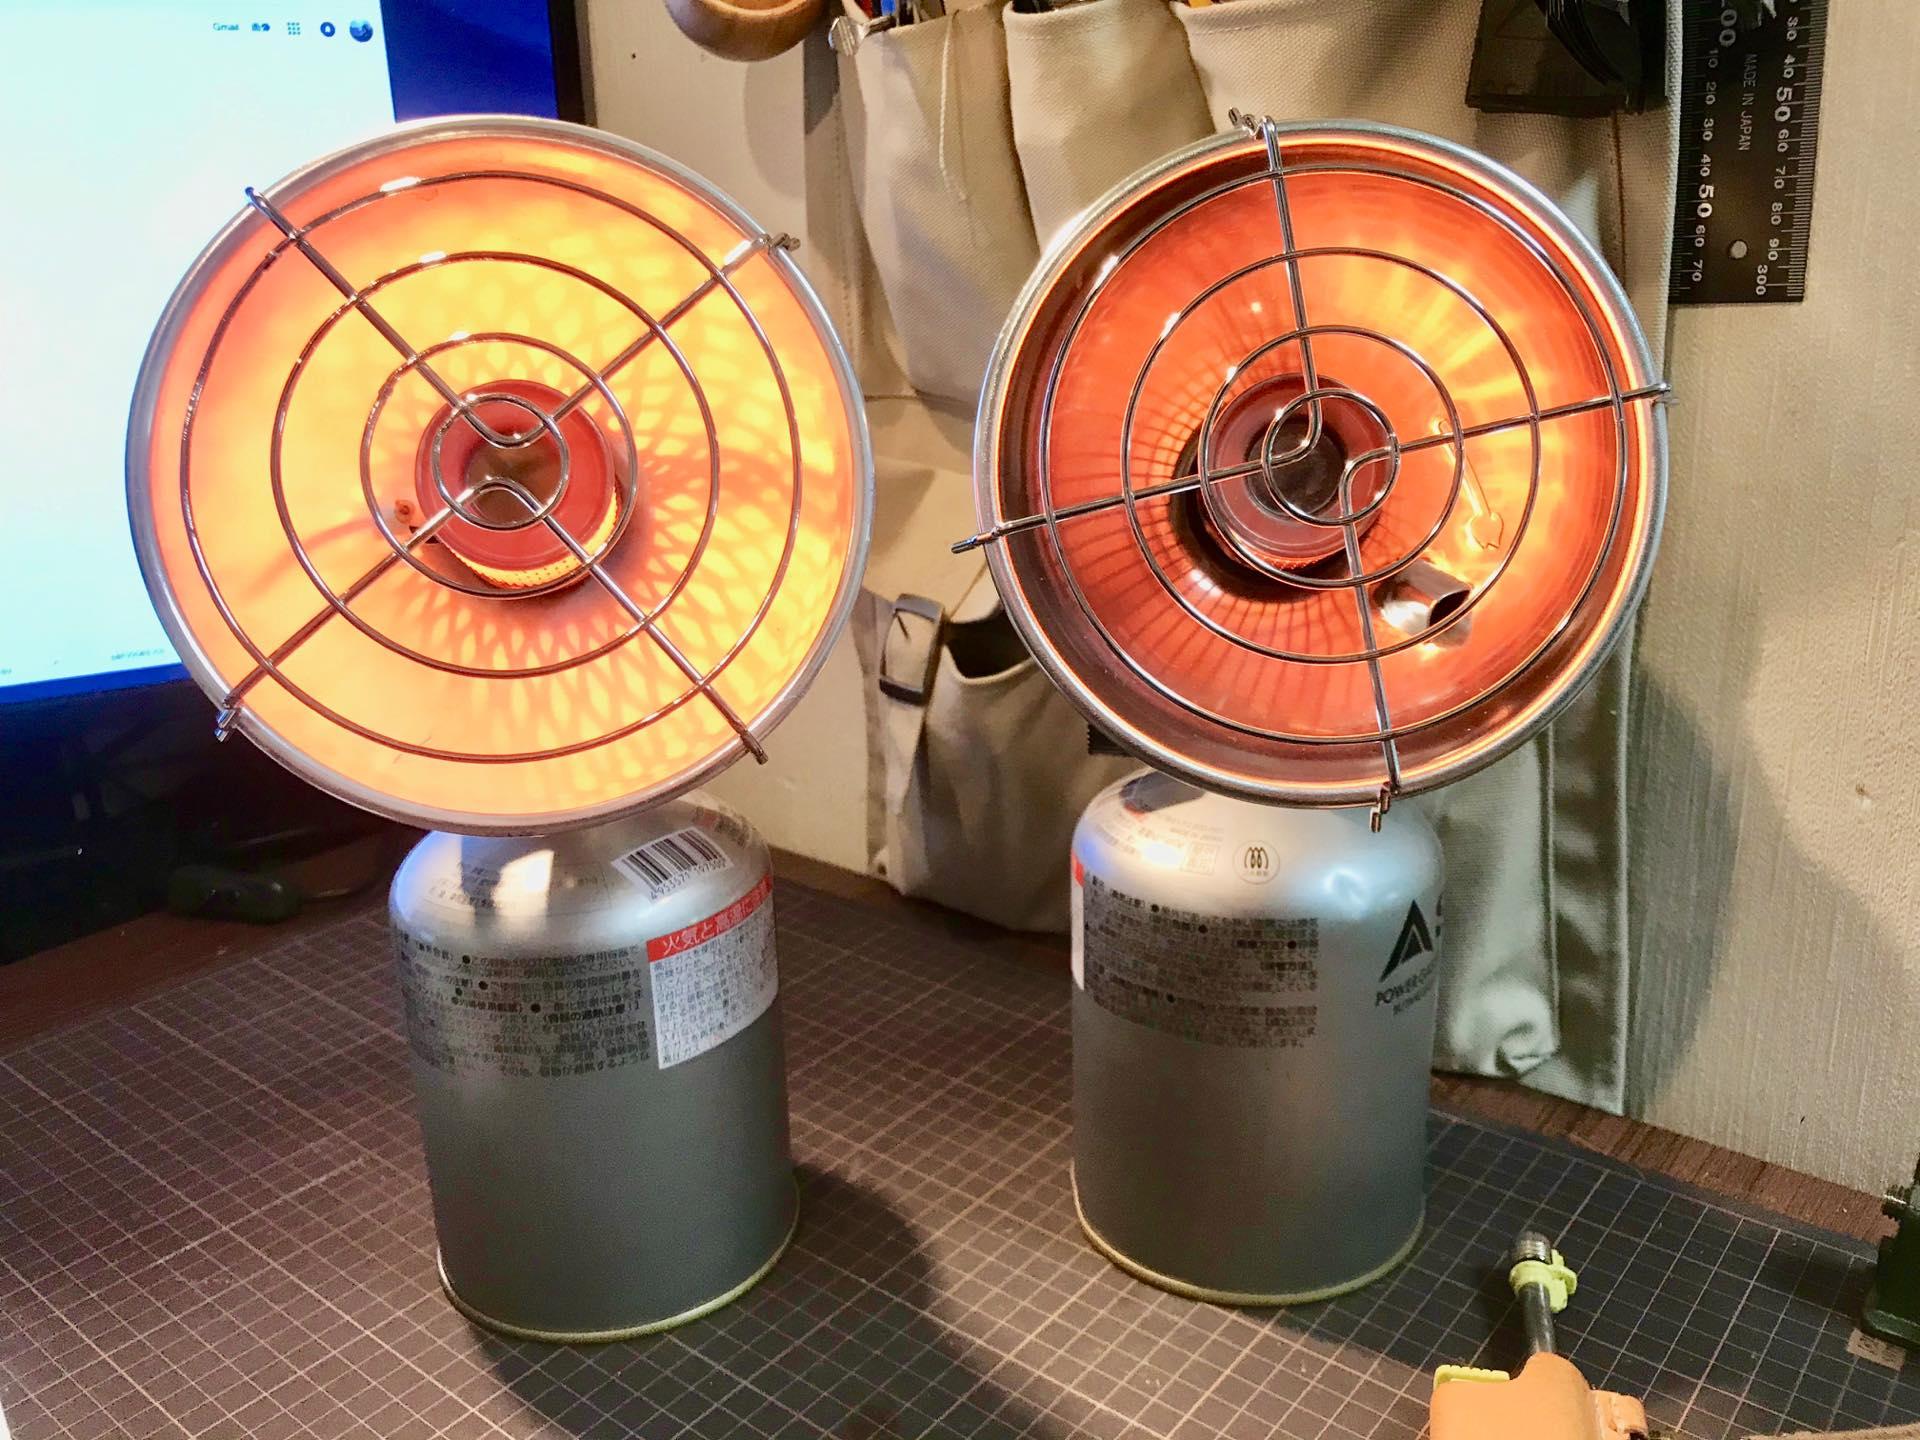 コールマン クイックヒーターと中華版 クイックヒーターを比較してみた